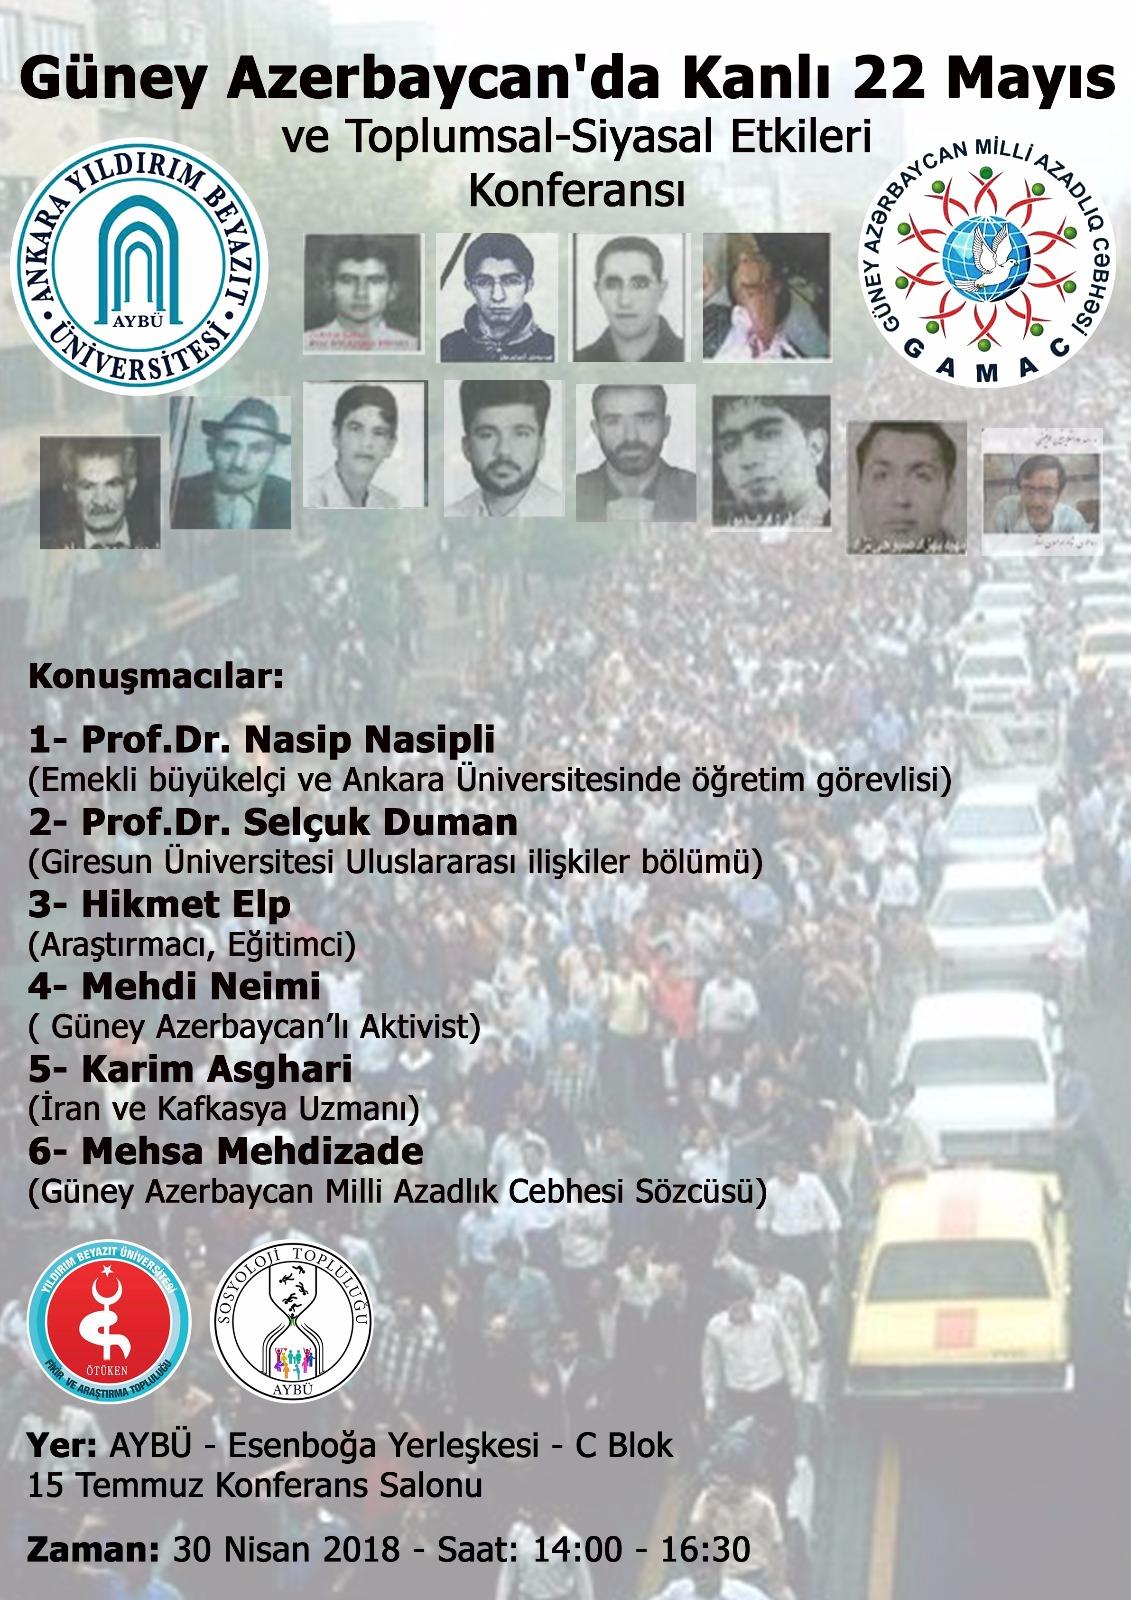 Kanlı 22 Mayıs Güney Azerbaycan